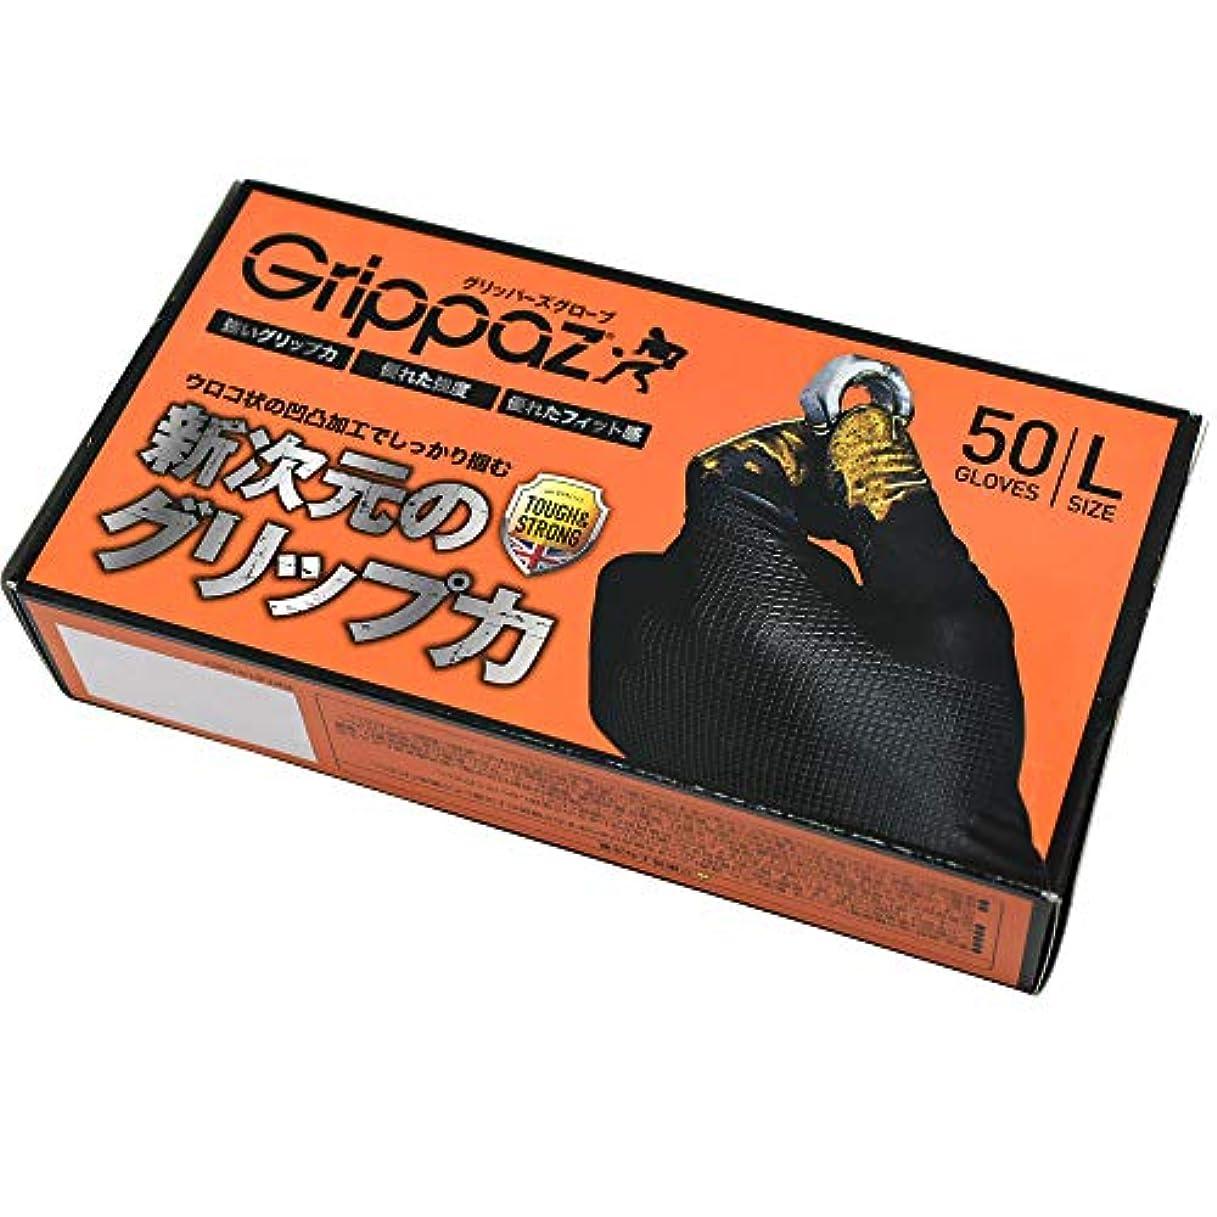 魚支援郡原田産業 ニトリル手袋 グリッパーズグローブ 50枚入 Lサイズ パウダーフリー 左右兼用 自動車整備 メンテナンス